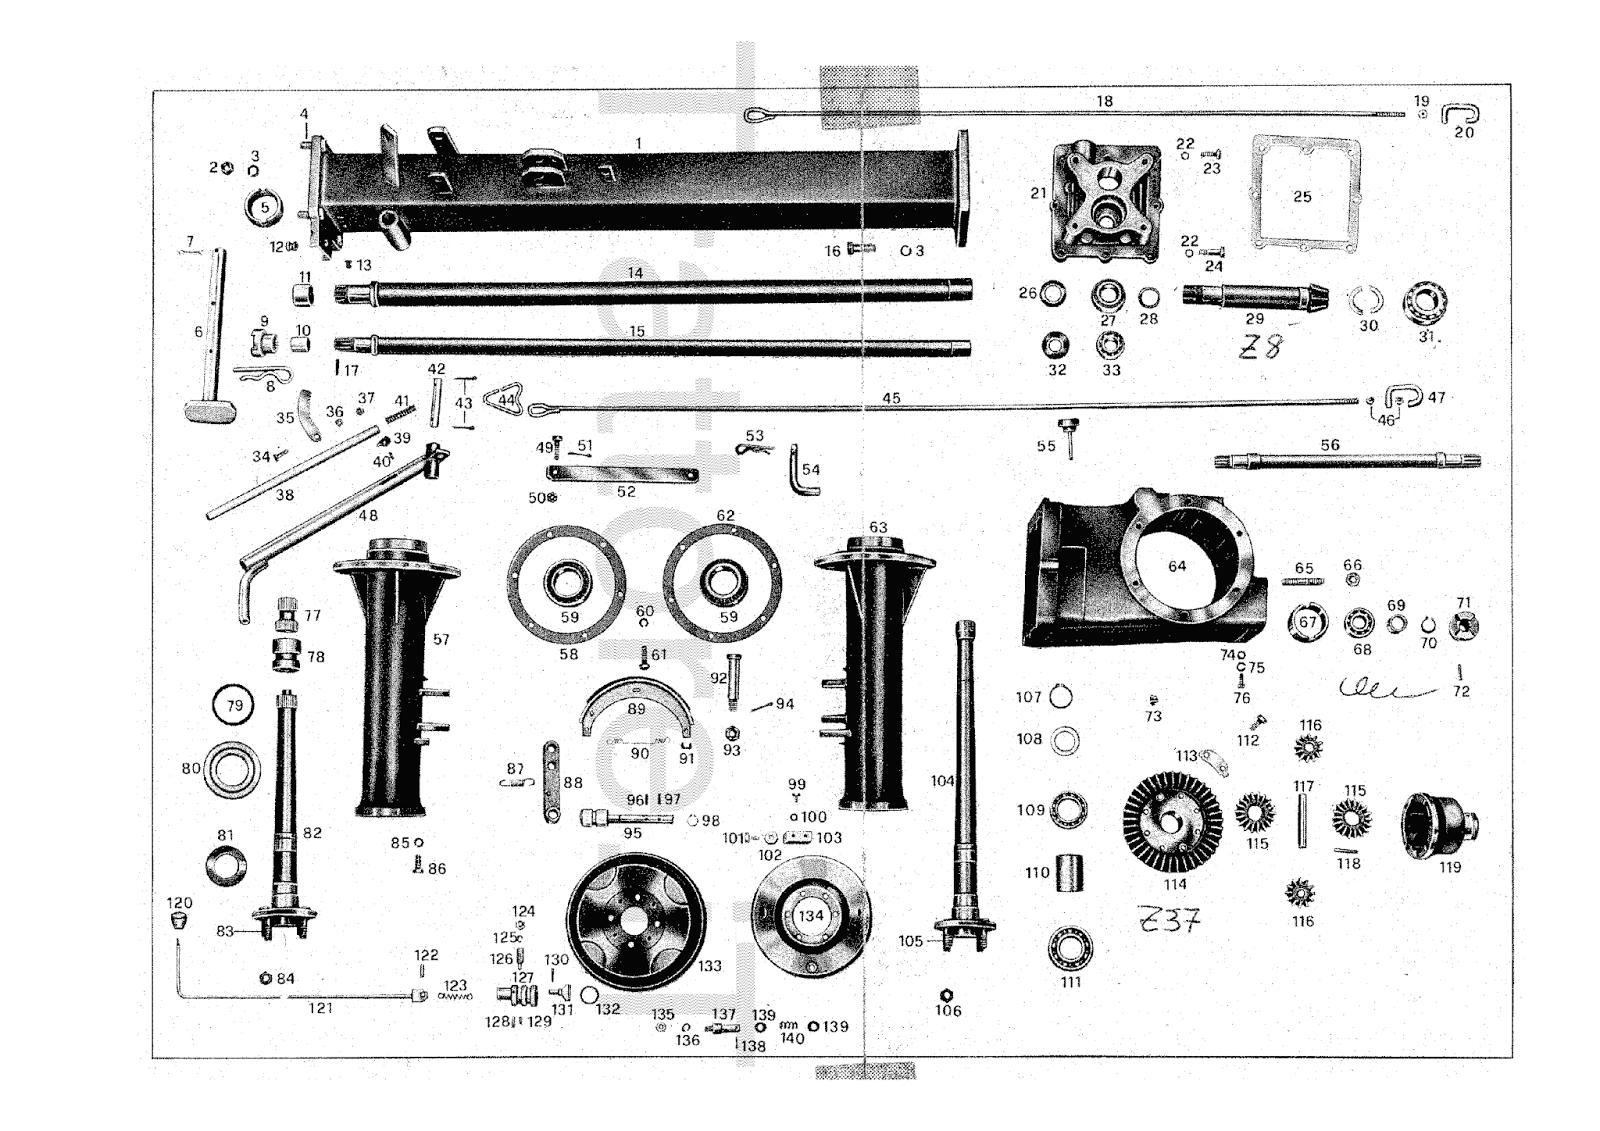 InfoTrattore.it: Carrello motore Pasquali 411 manuale